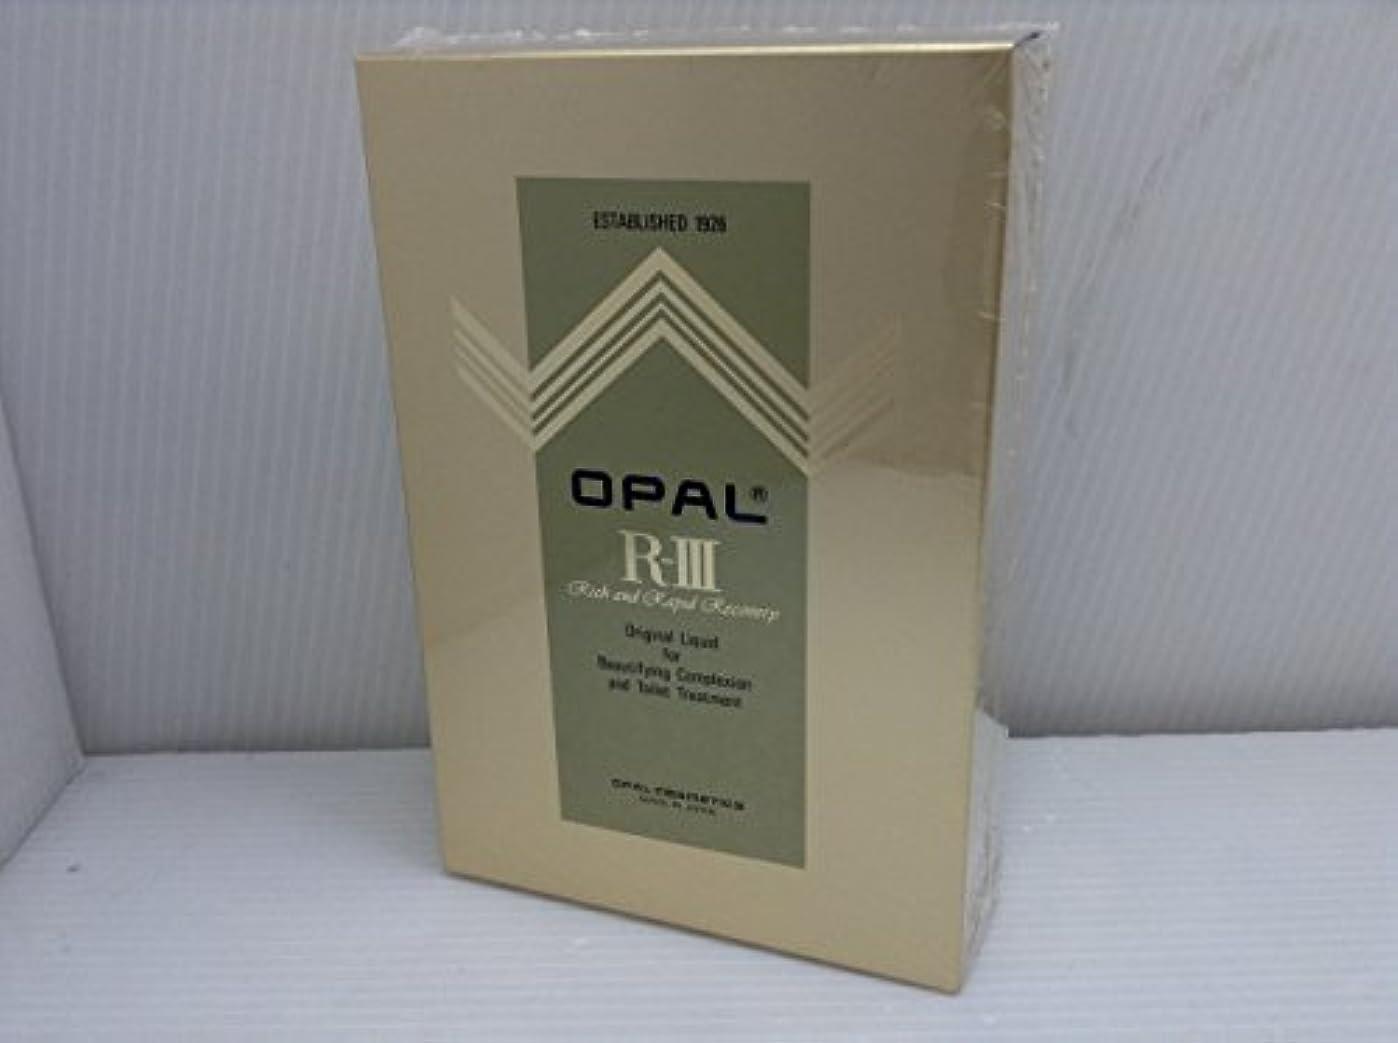 世紀神経衰弱ロッジオパール化粧品 美容原液 薬用オパール R-III (460ml)